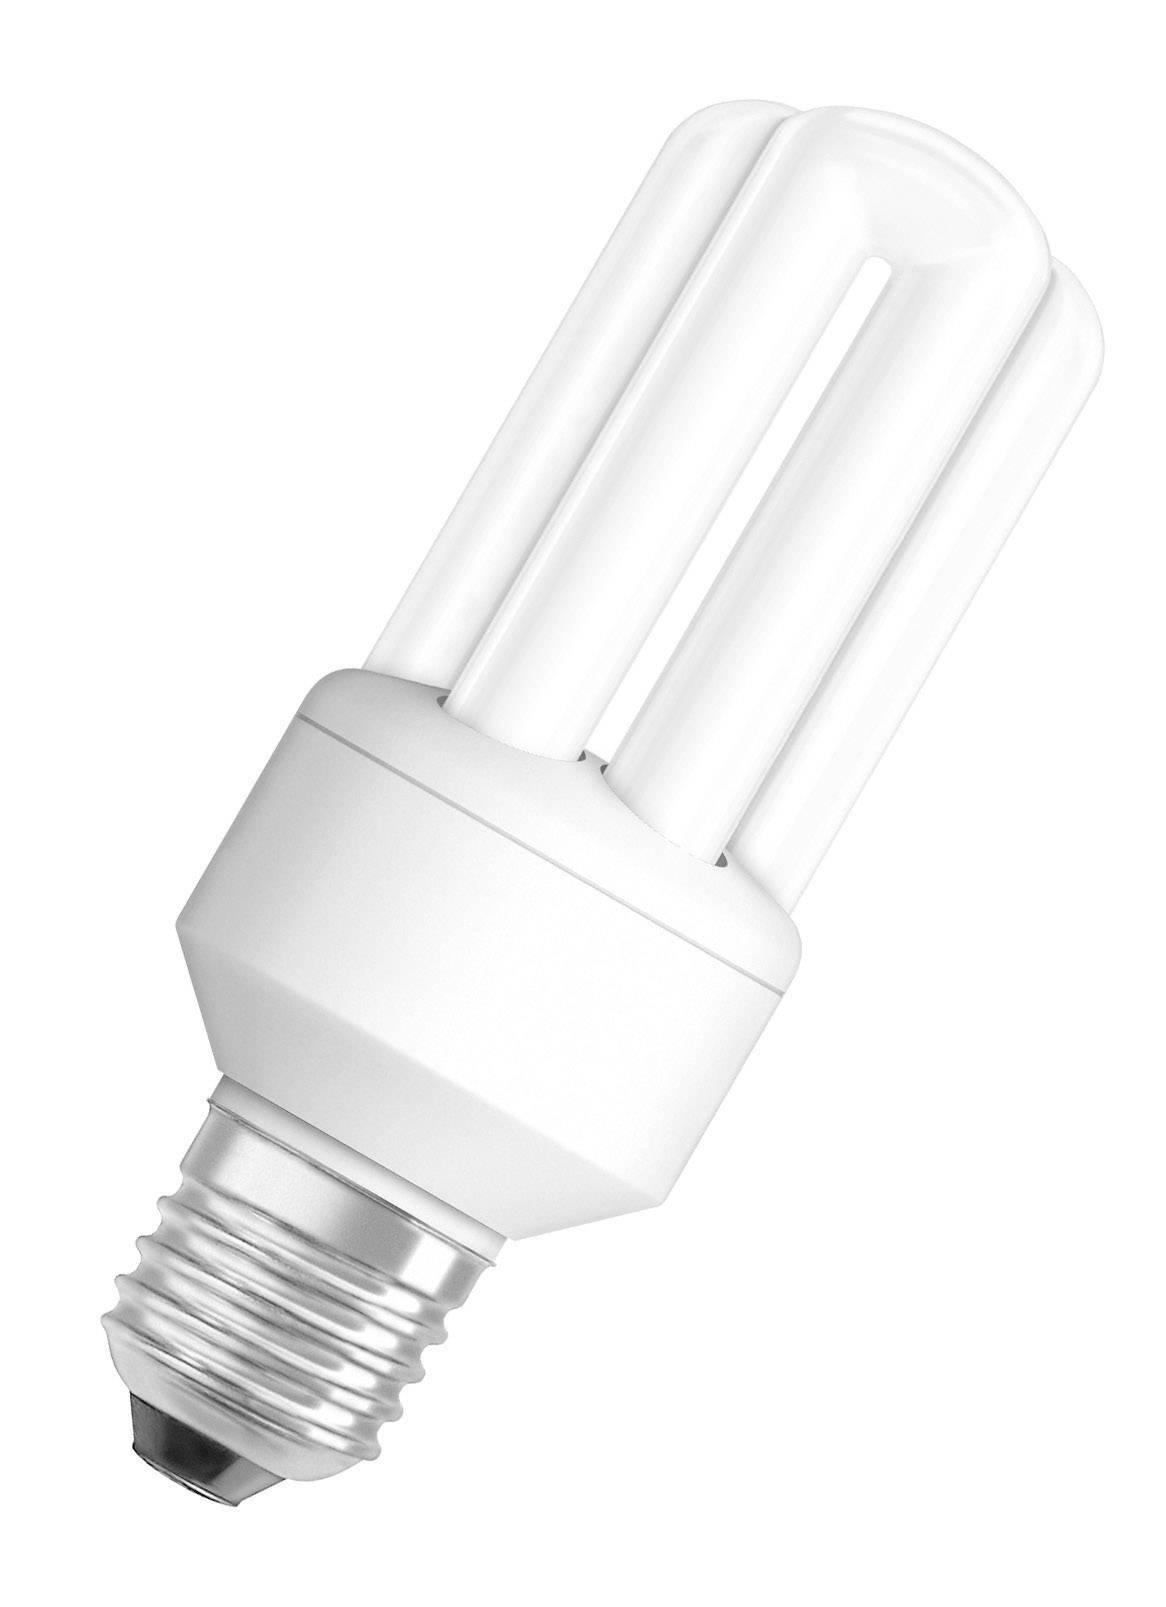 Ogromny Żarówka energooszczędna LEDVANCE 4008321989741, 11 W = 51 W, 600 HR59